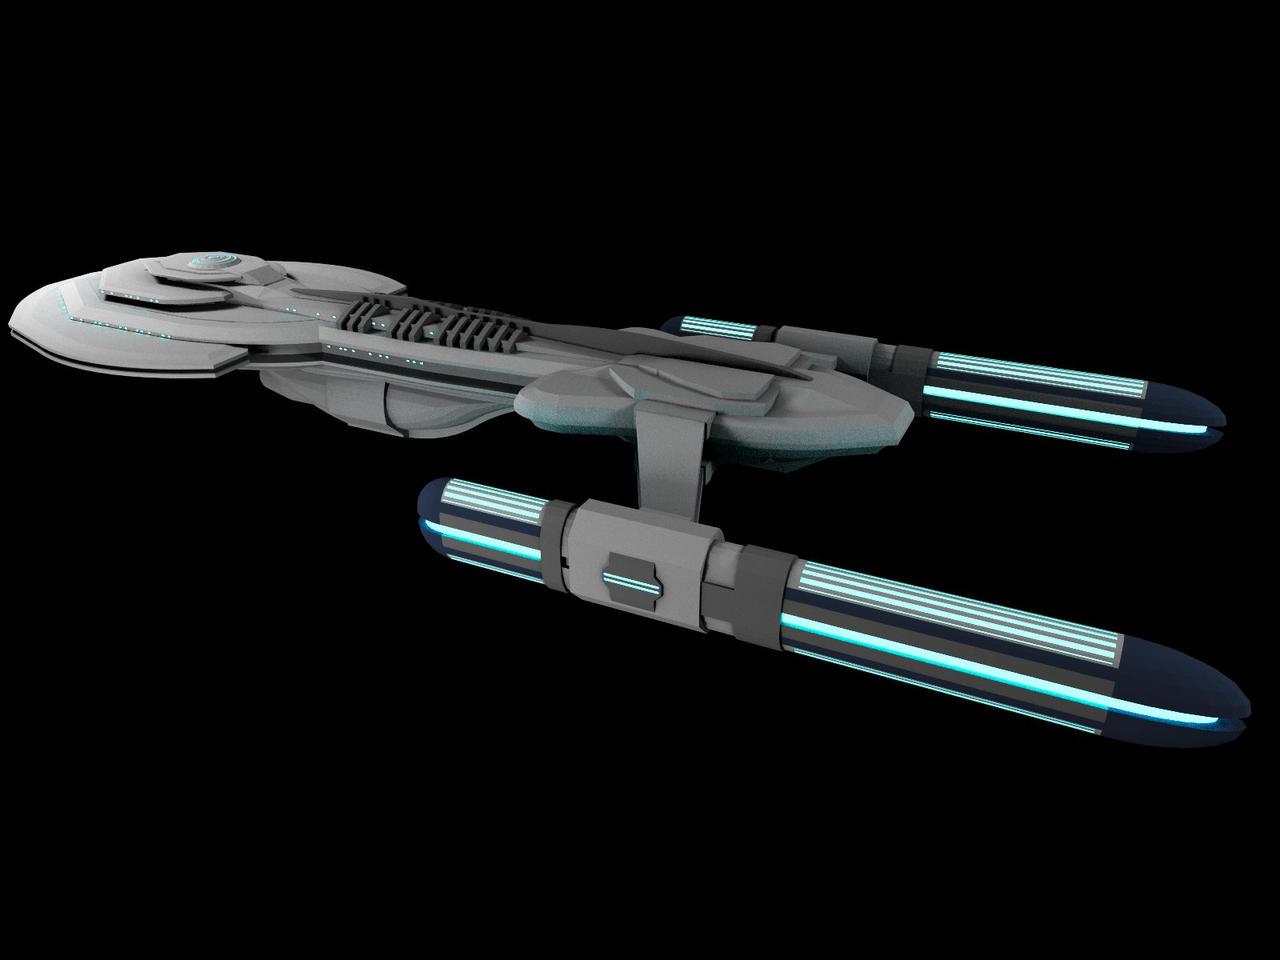 Star trek ship 5 by djomally on deviantart for Wohnung star trek design